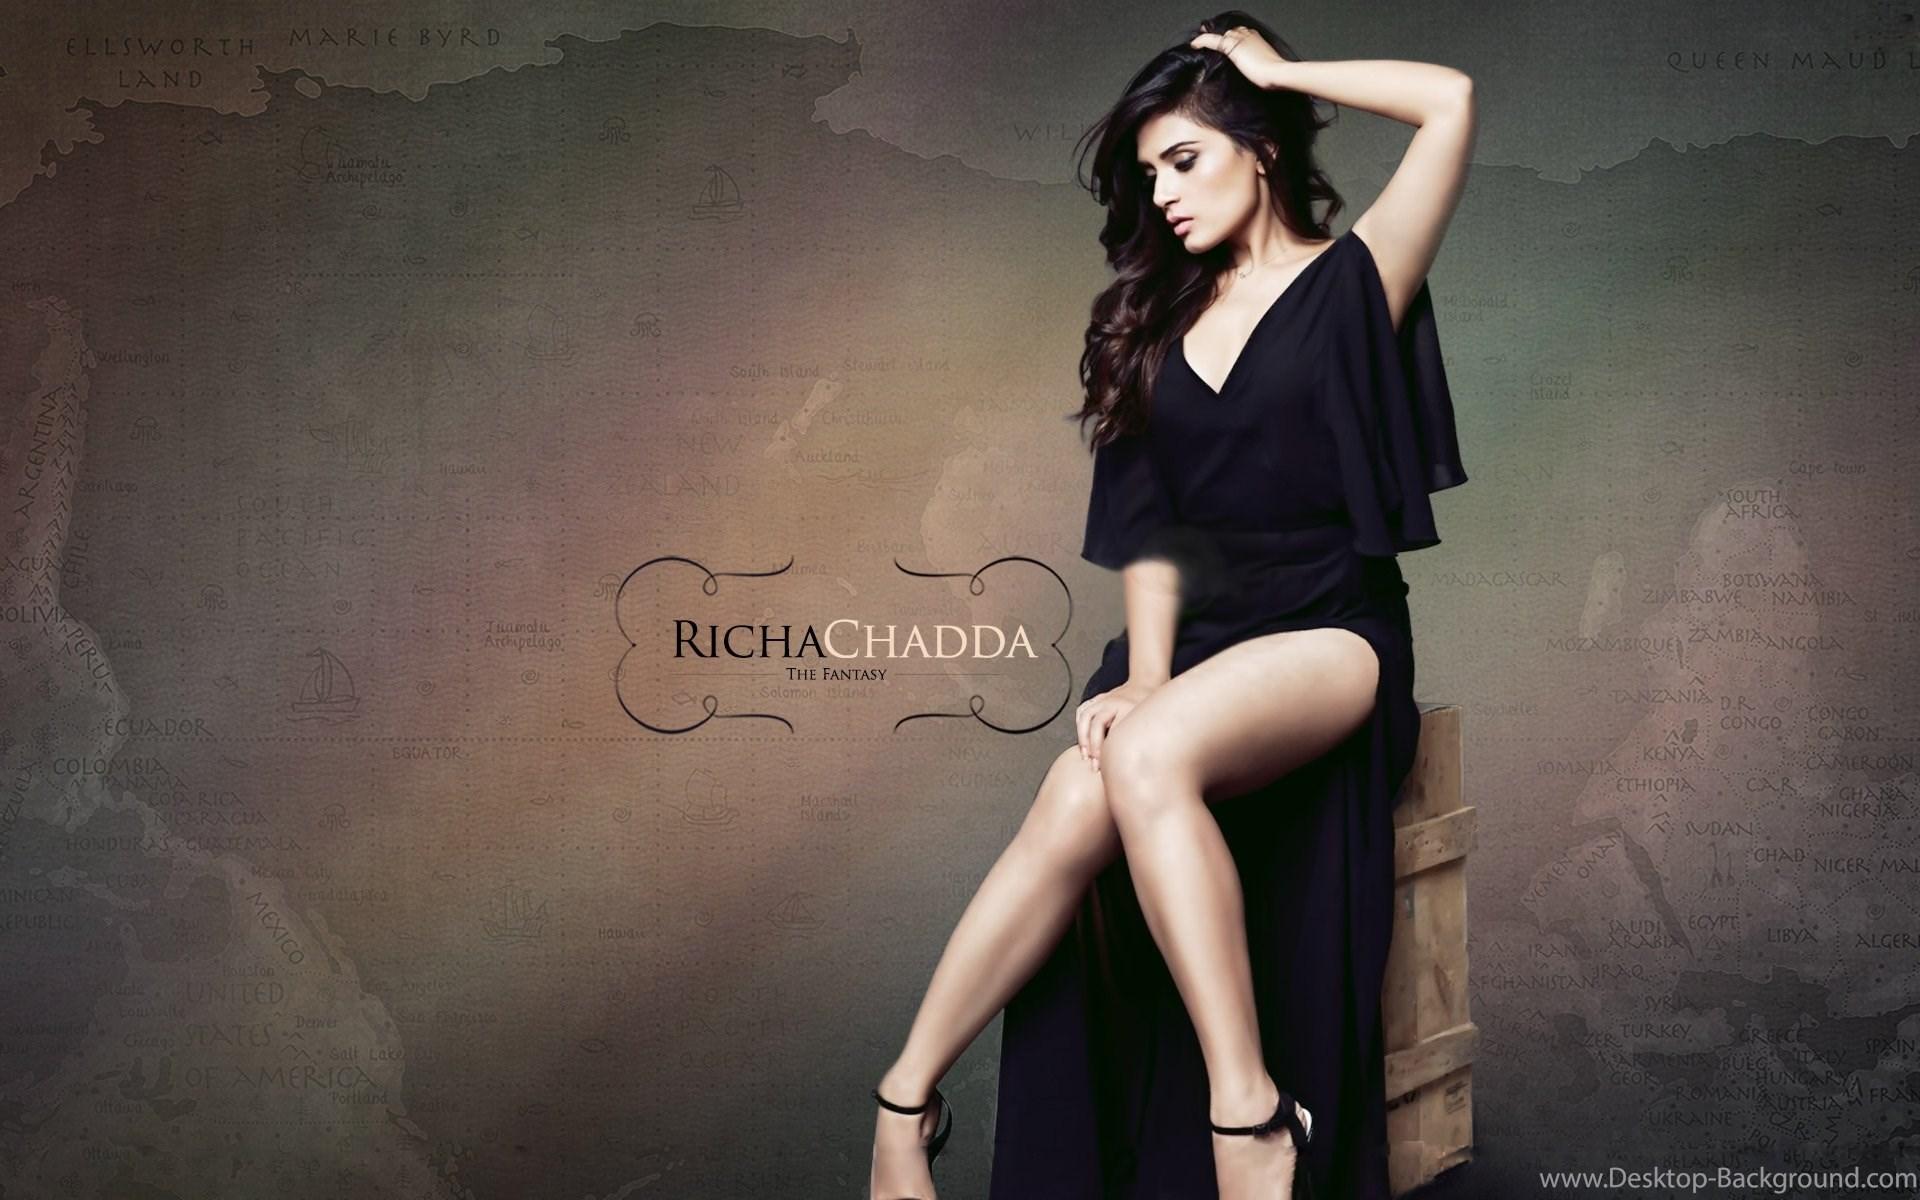 Richa Chadda Bollywood Hot Indian Girl Hd 1080p Wallpaper - 1080p Wallpaper Hd Girl , HD Wallpaper & Backgrounds